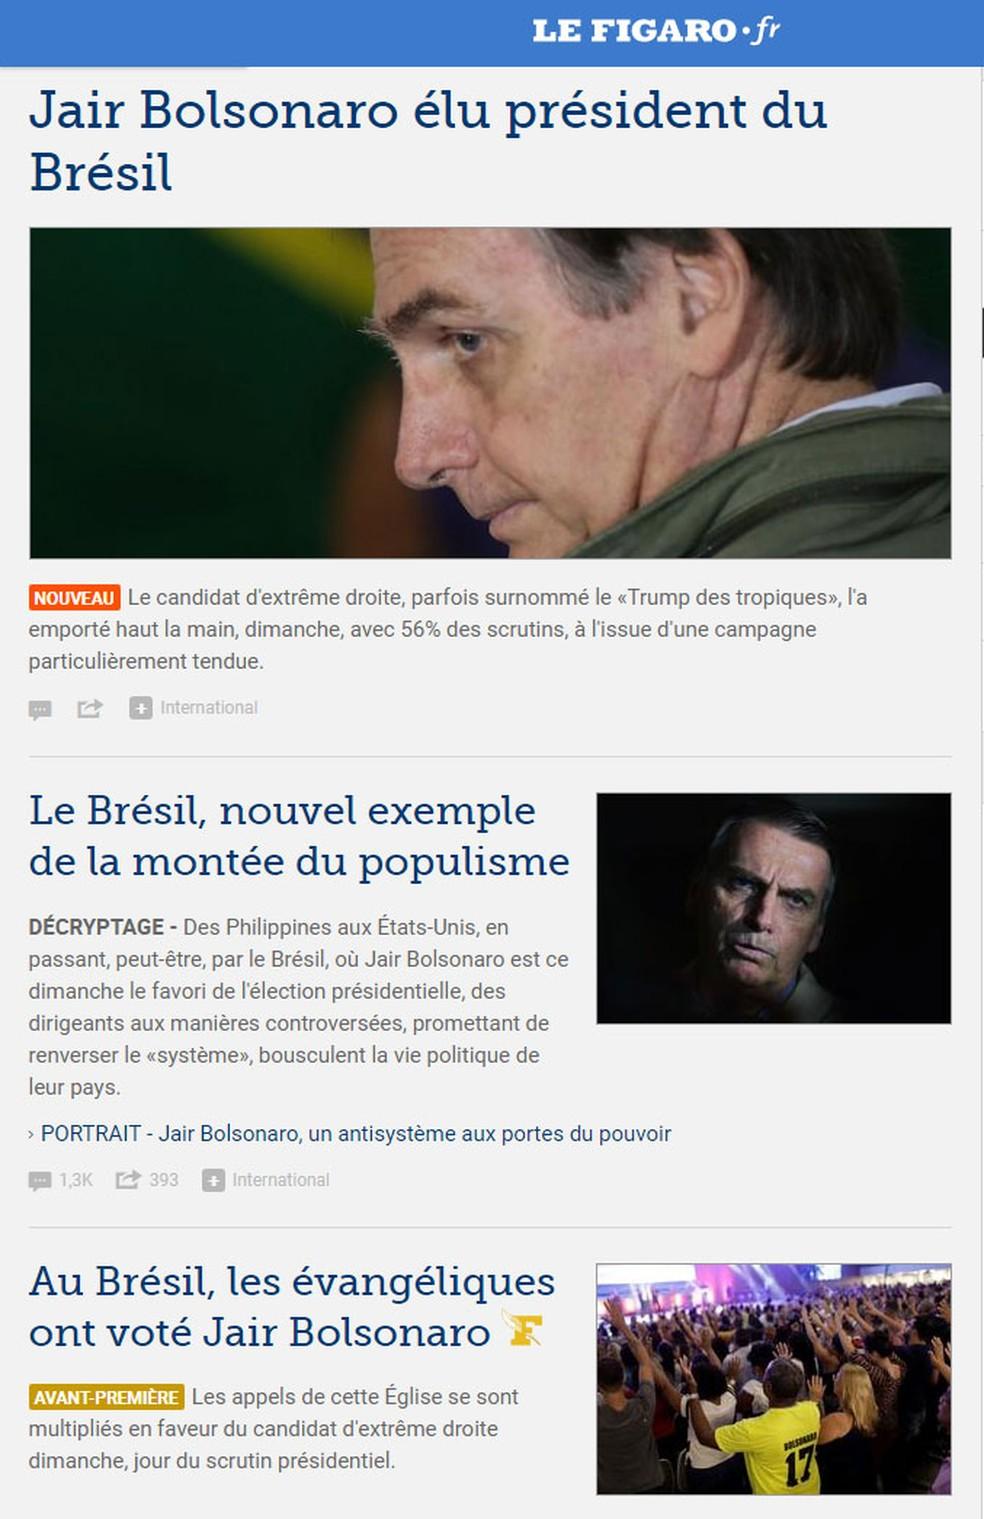 'Le Figaro' dedicou várias reportagens à vitória de Bolsonaro — Foto: Reprodução/Le Figaro